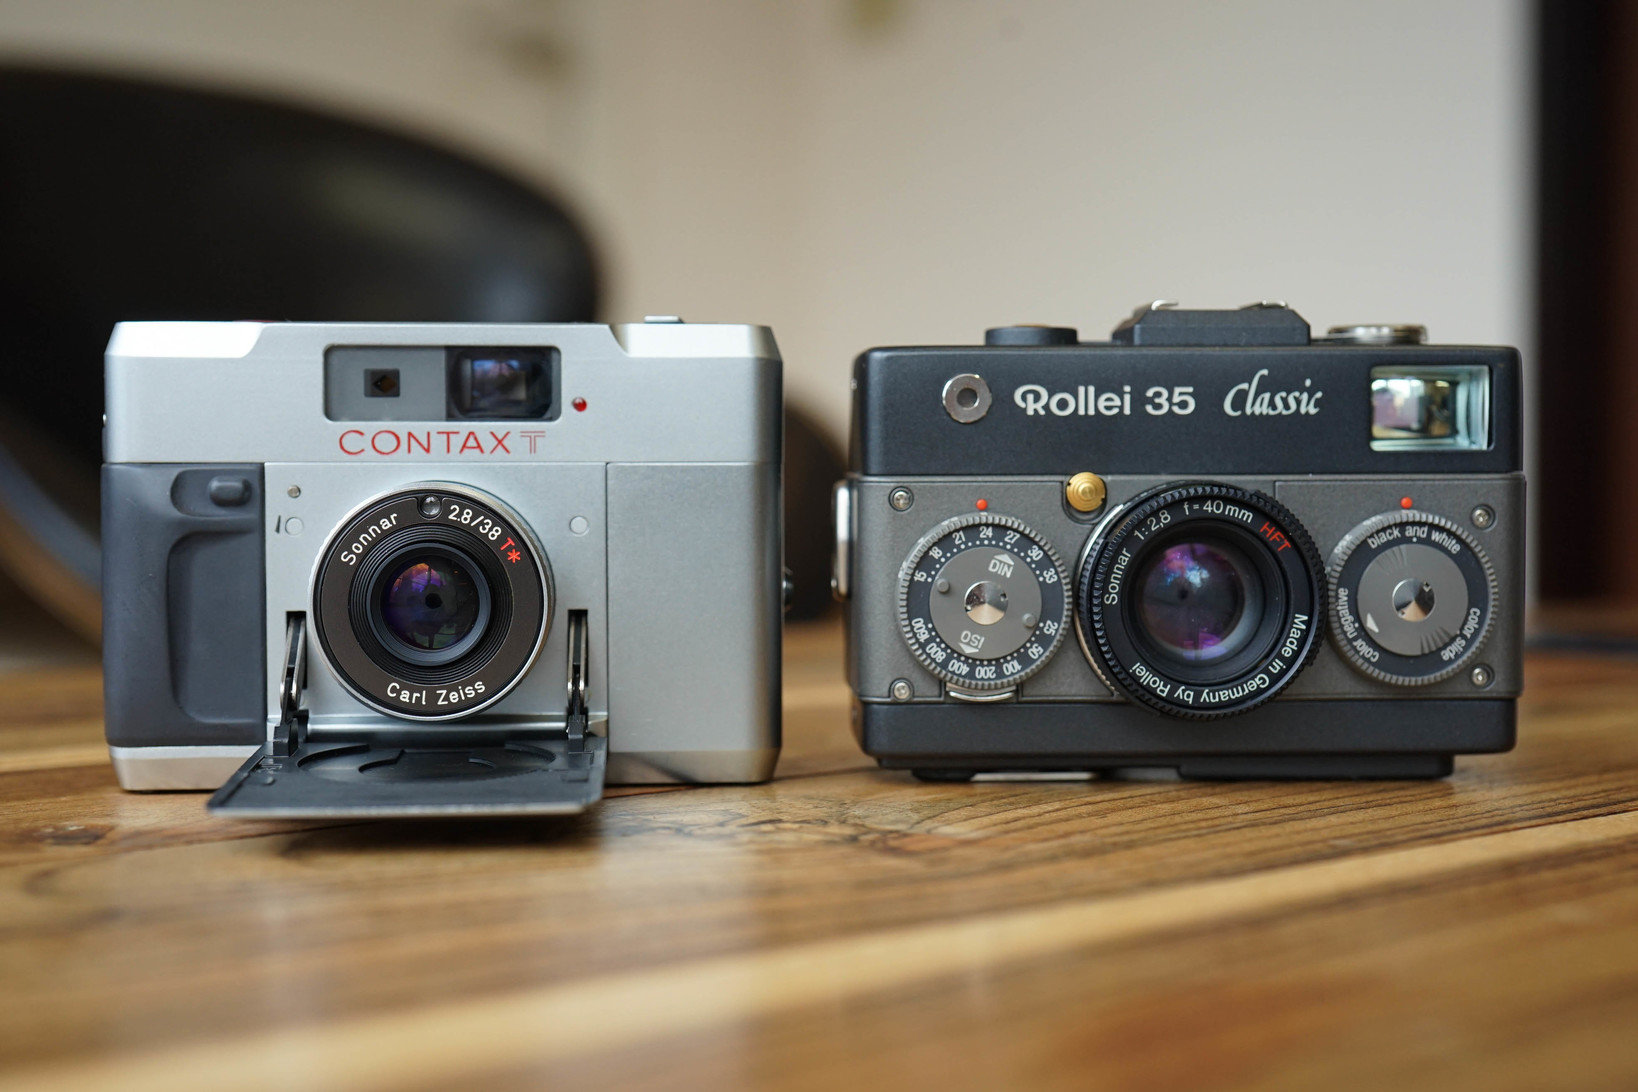 コンタックスT(左)とローライ35(右)